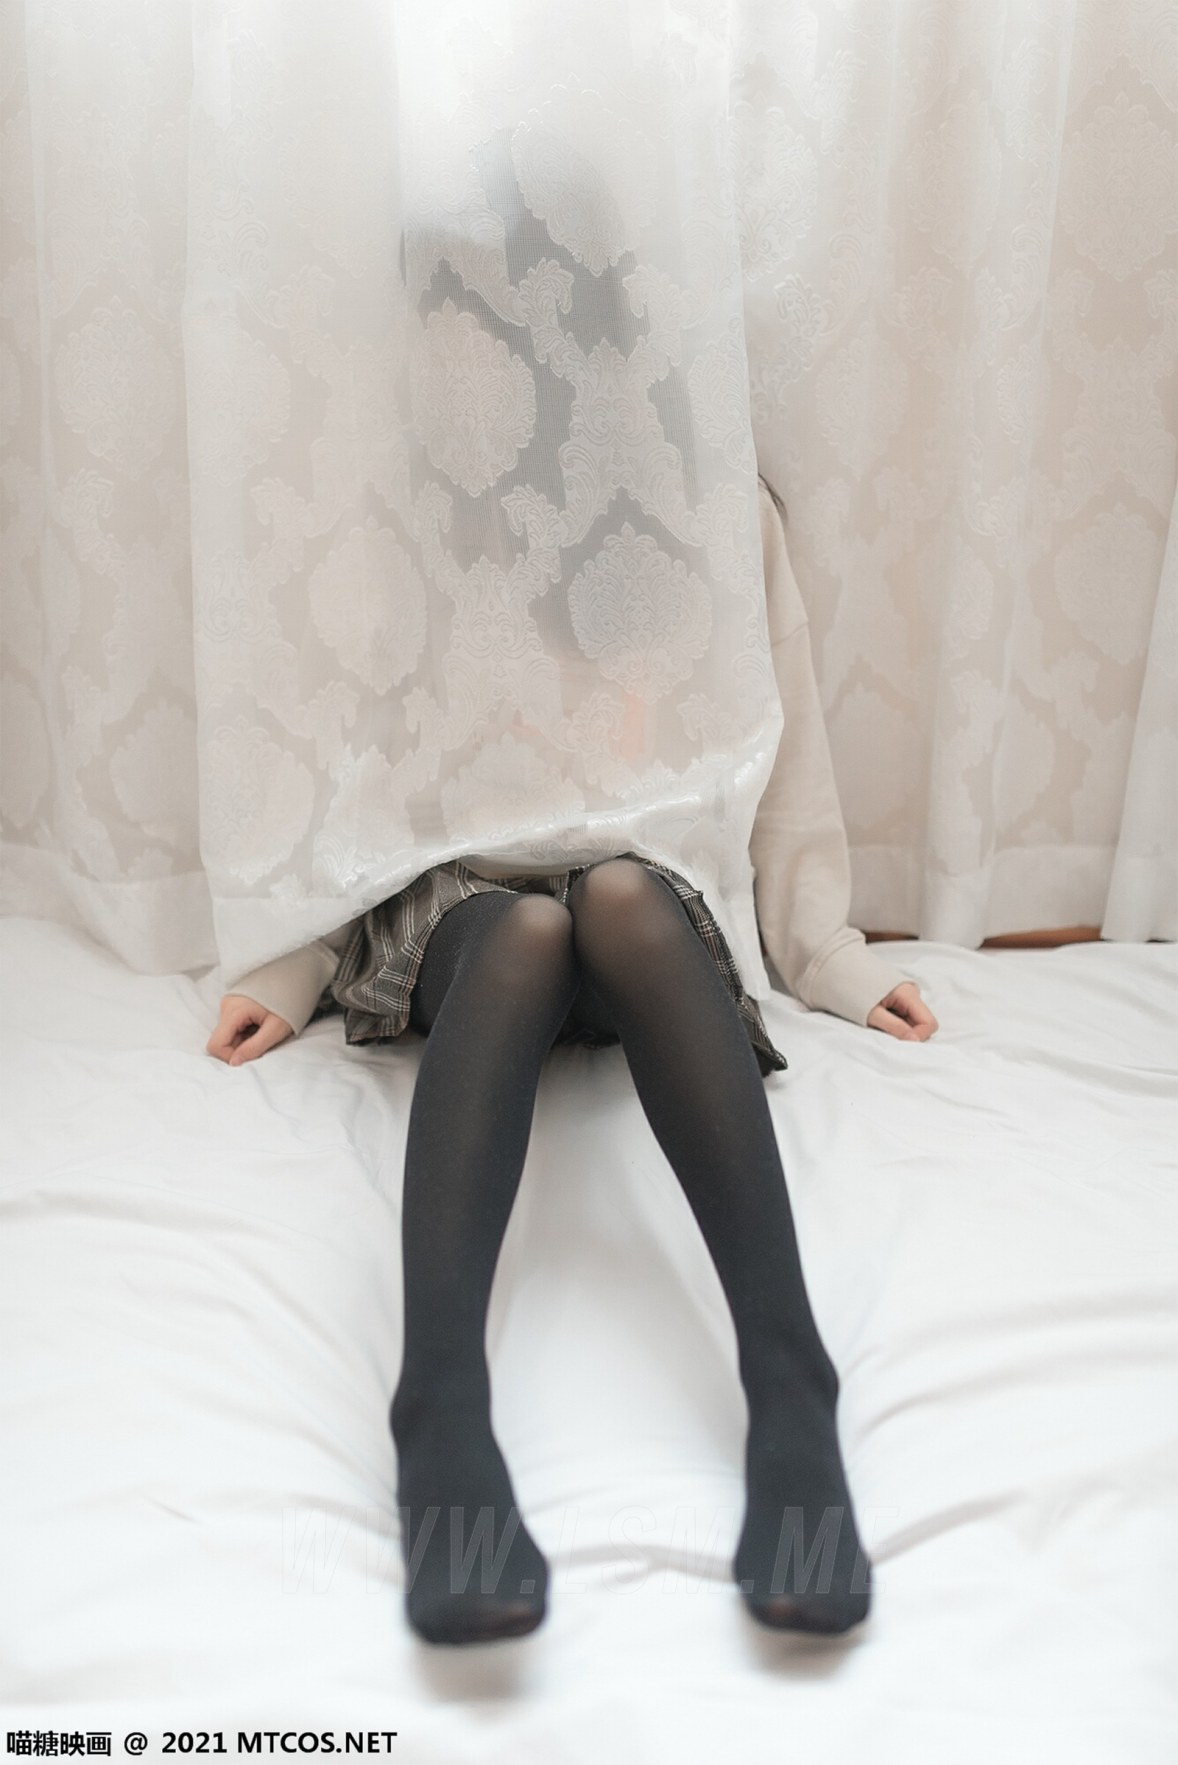 MTYH 喵糖映画 Vol.367 jk制服黑直长 - 3